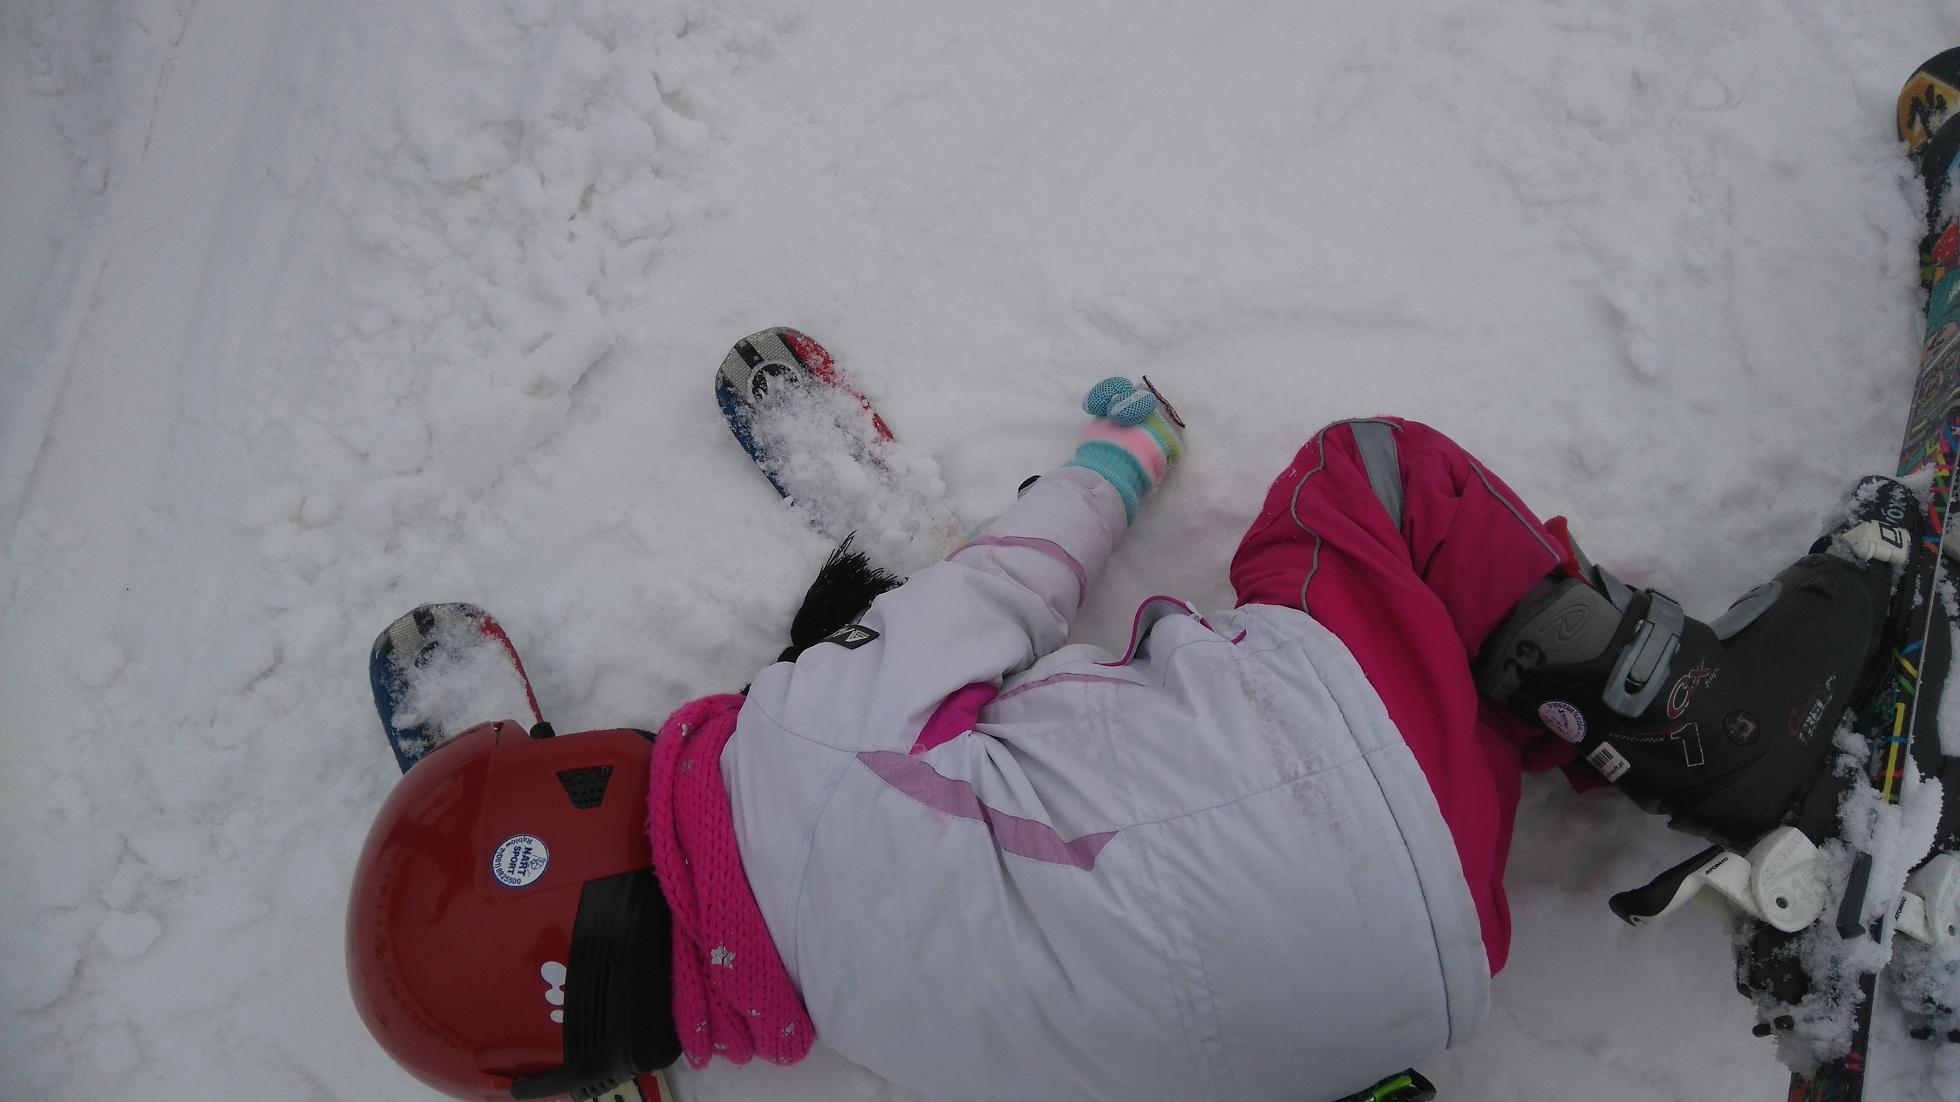 dziecko leży na śniegu w stroju narciarskim